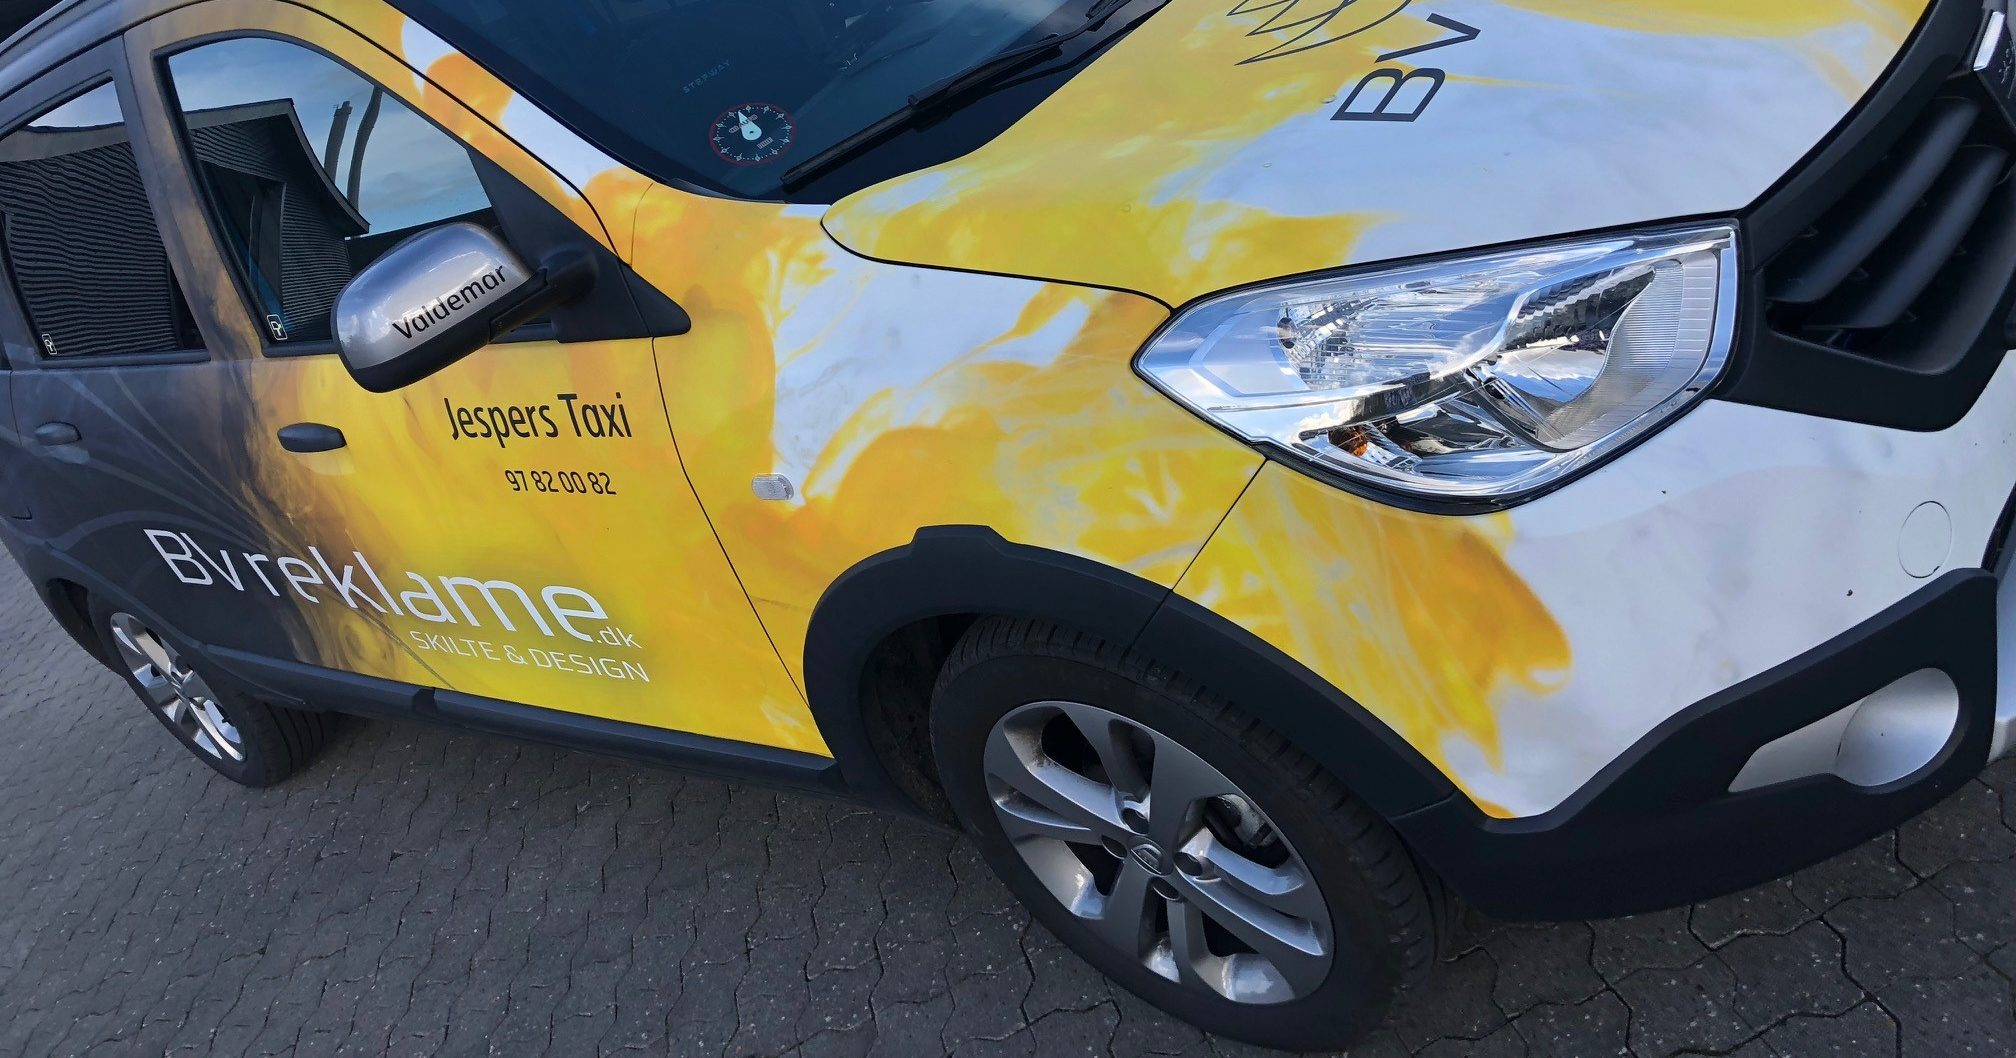 BV reklame på taxi